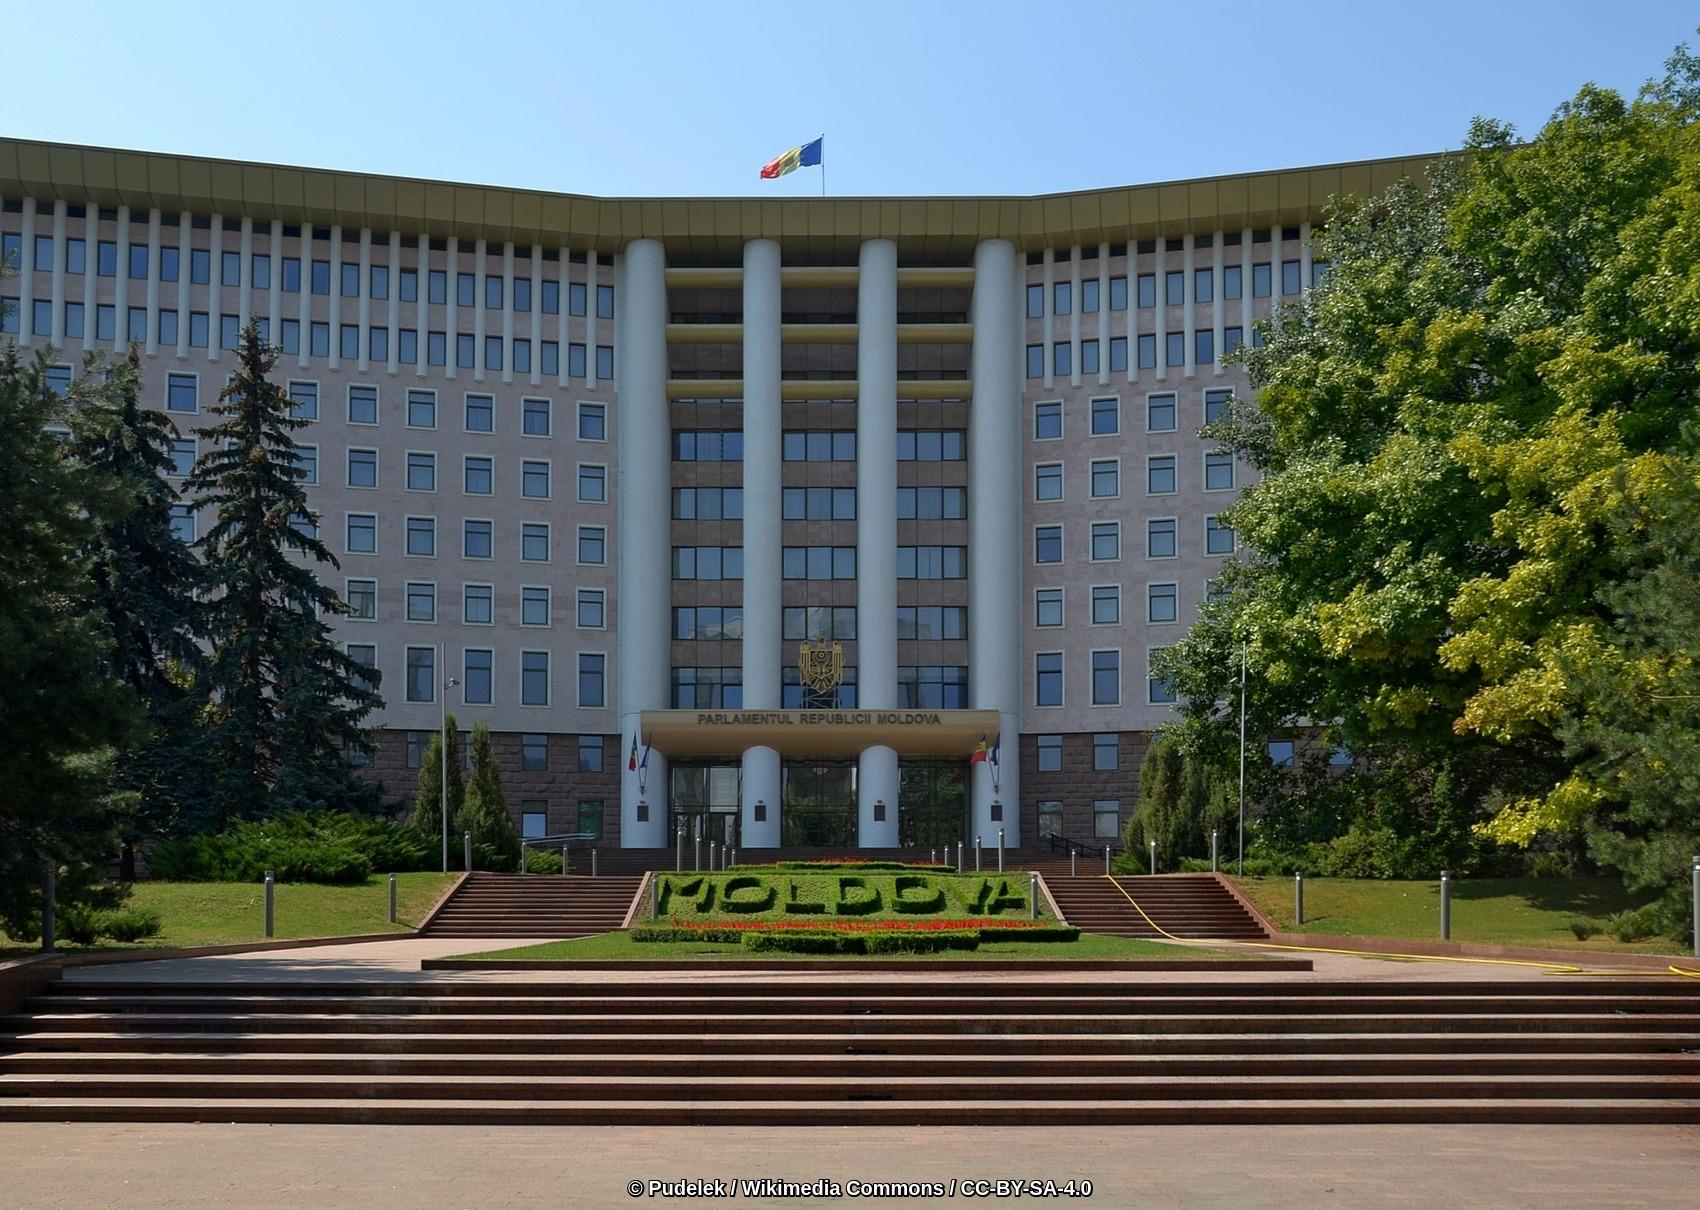 Parliament Building, Chișinău, Moldova